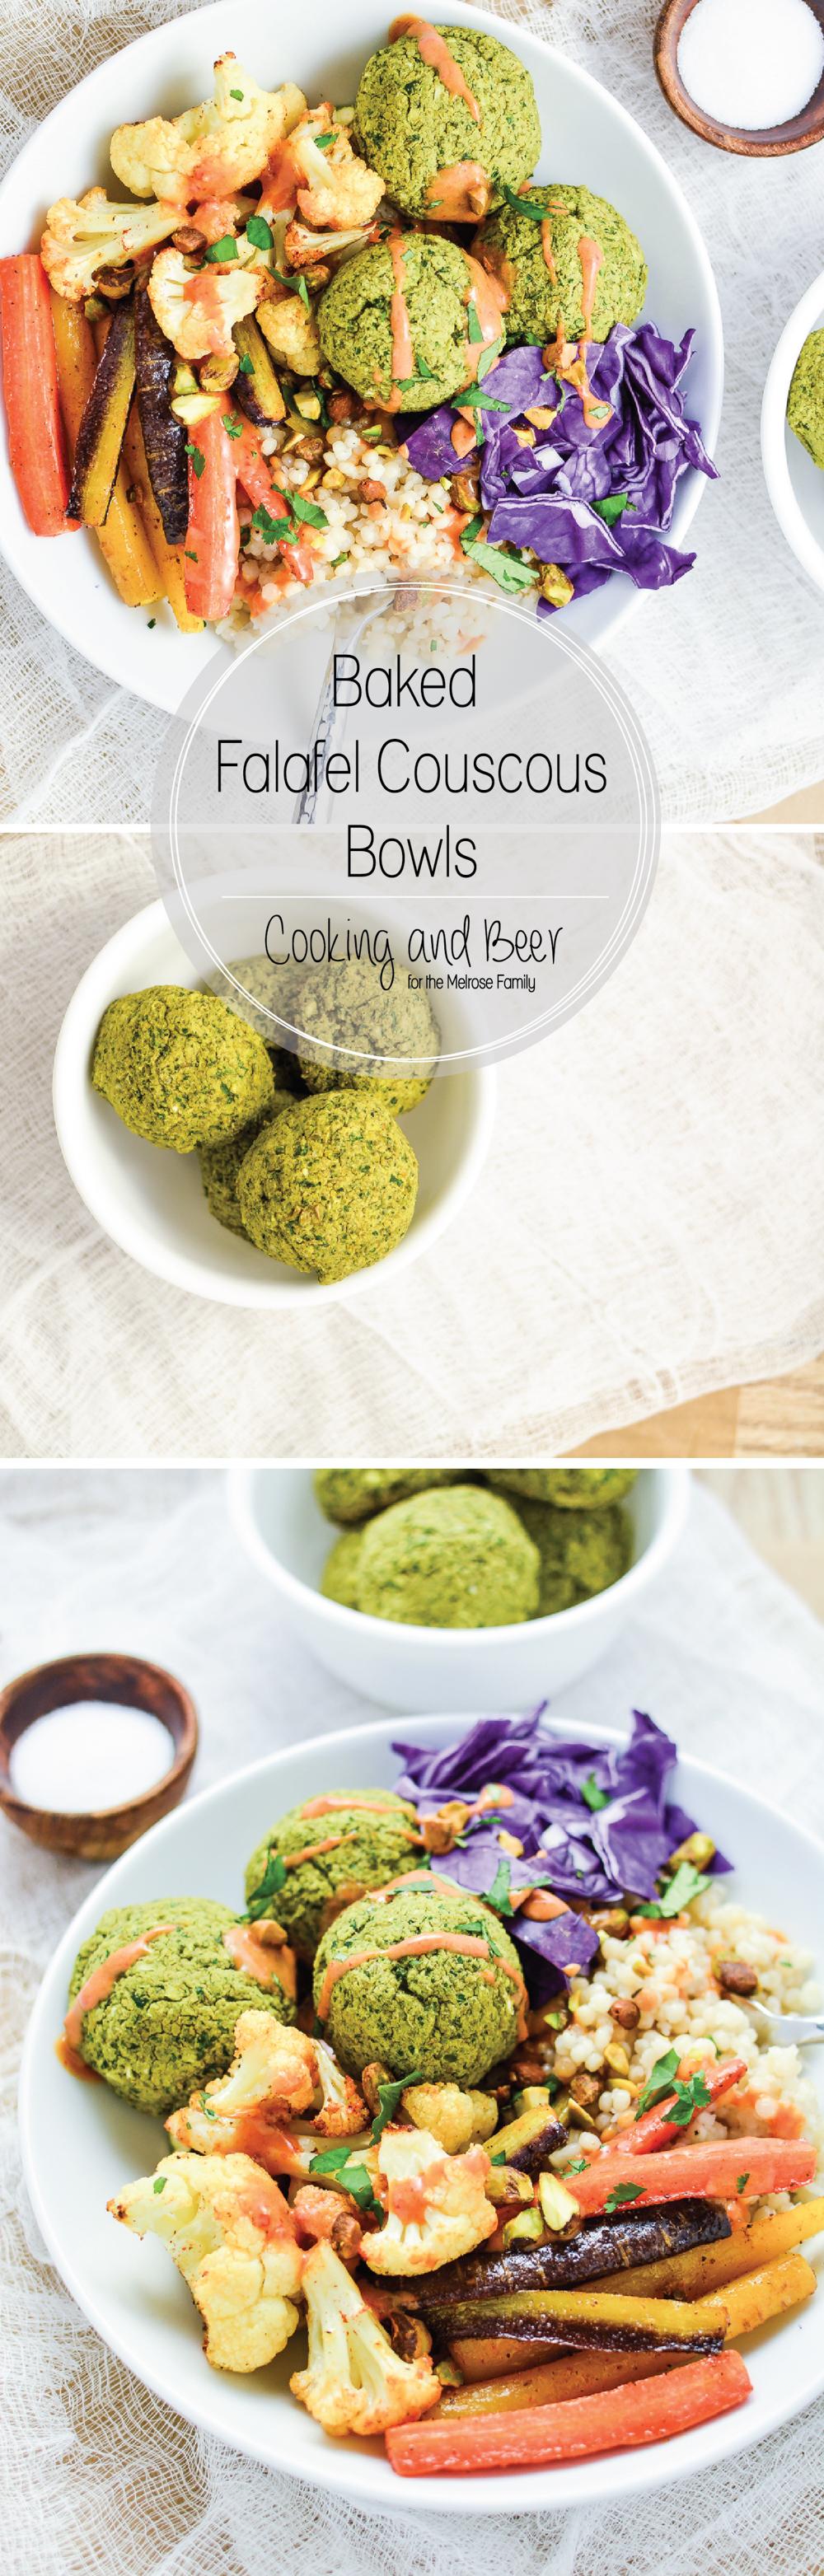 Baked Falafel Couscous Bowls